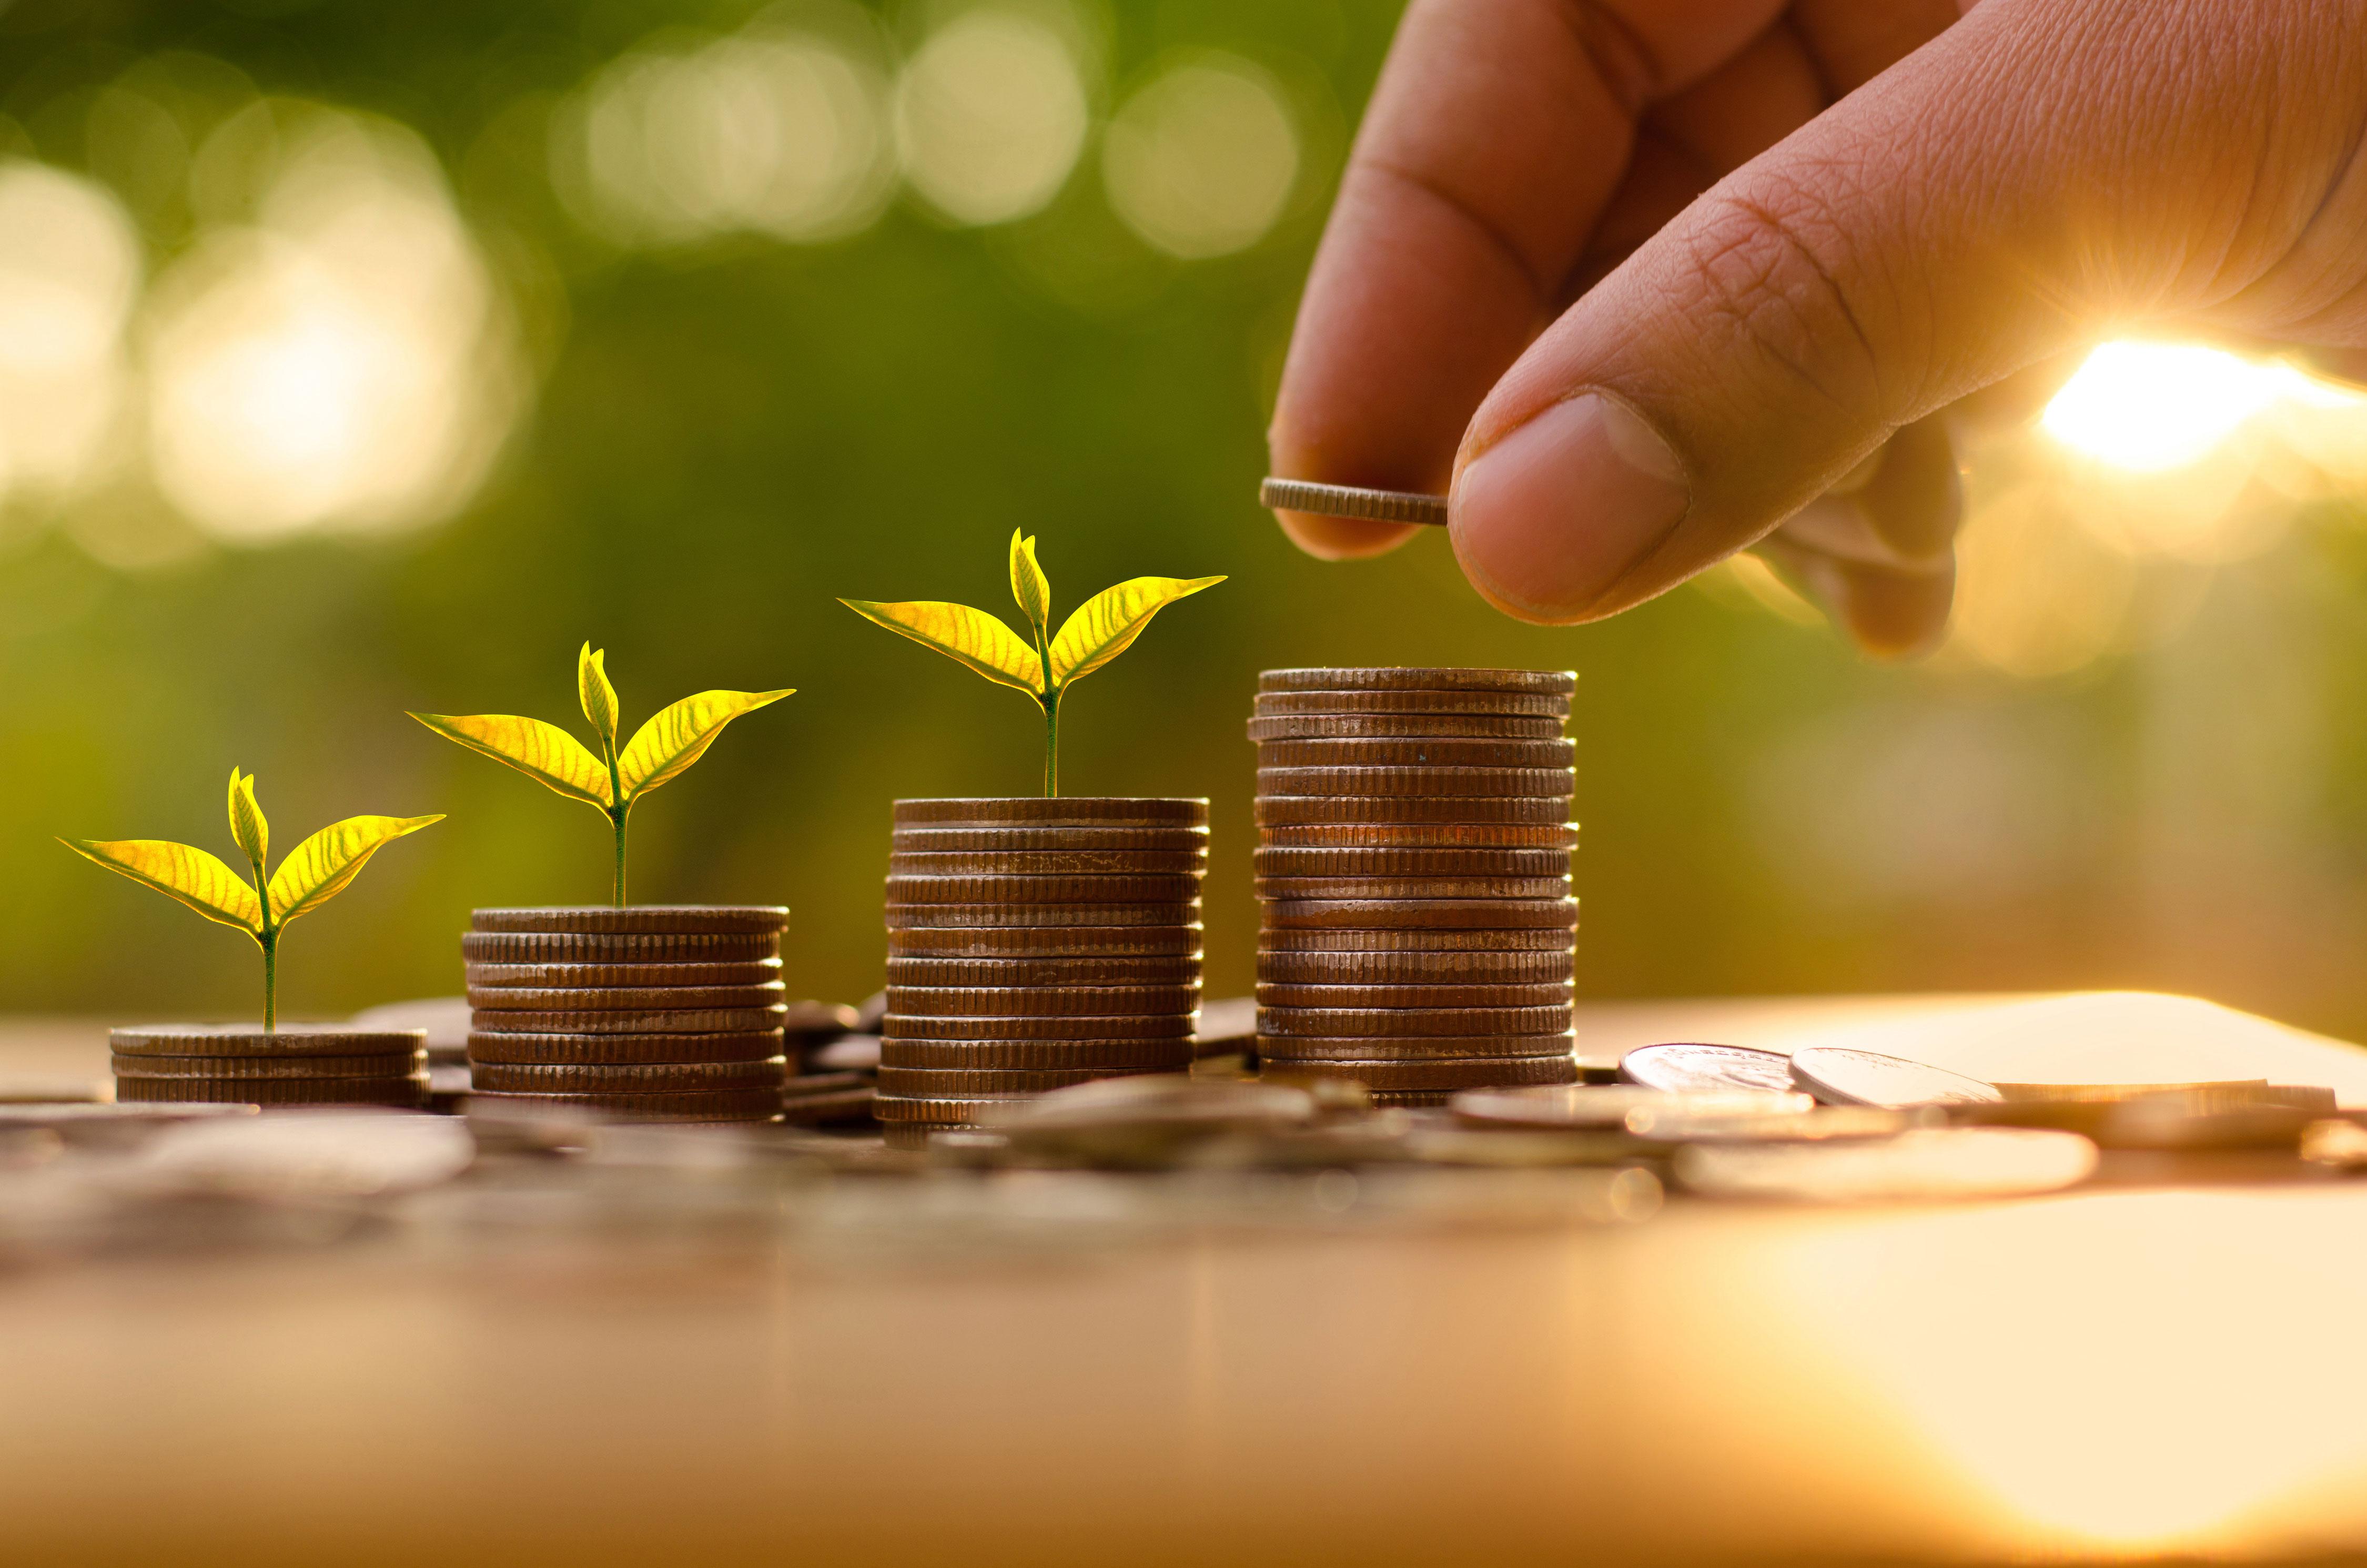 Hand stapelt Münzen auf Tisch im Garten, Keimlinge wachsen aus Münzen